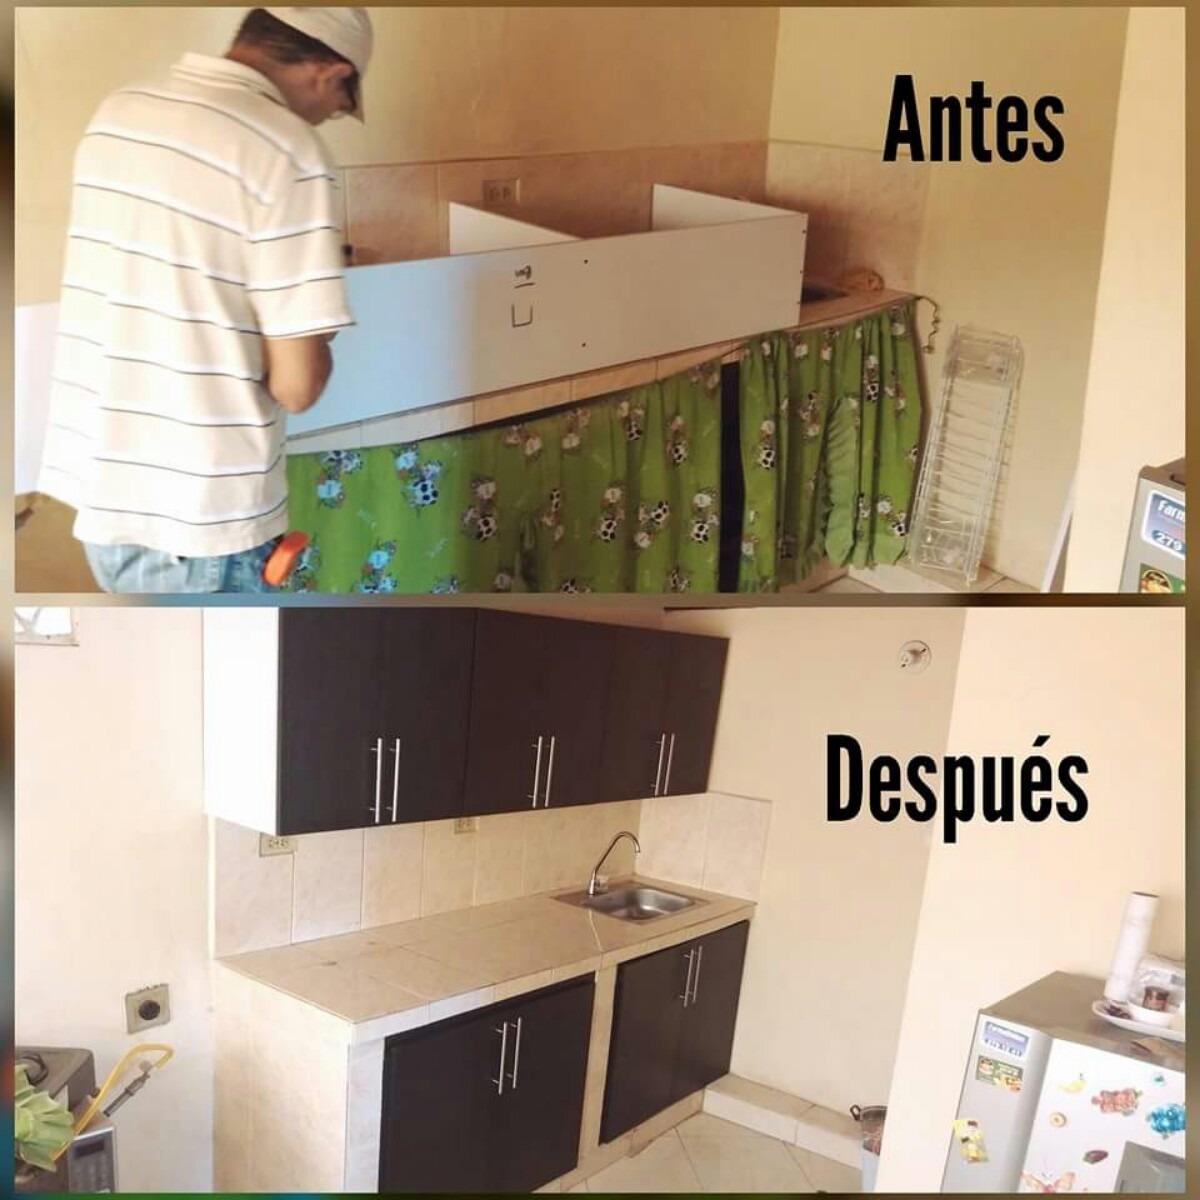 Cocinas integrales precios arreglo de muebles de cocina - Precios de cocinas integrales ...